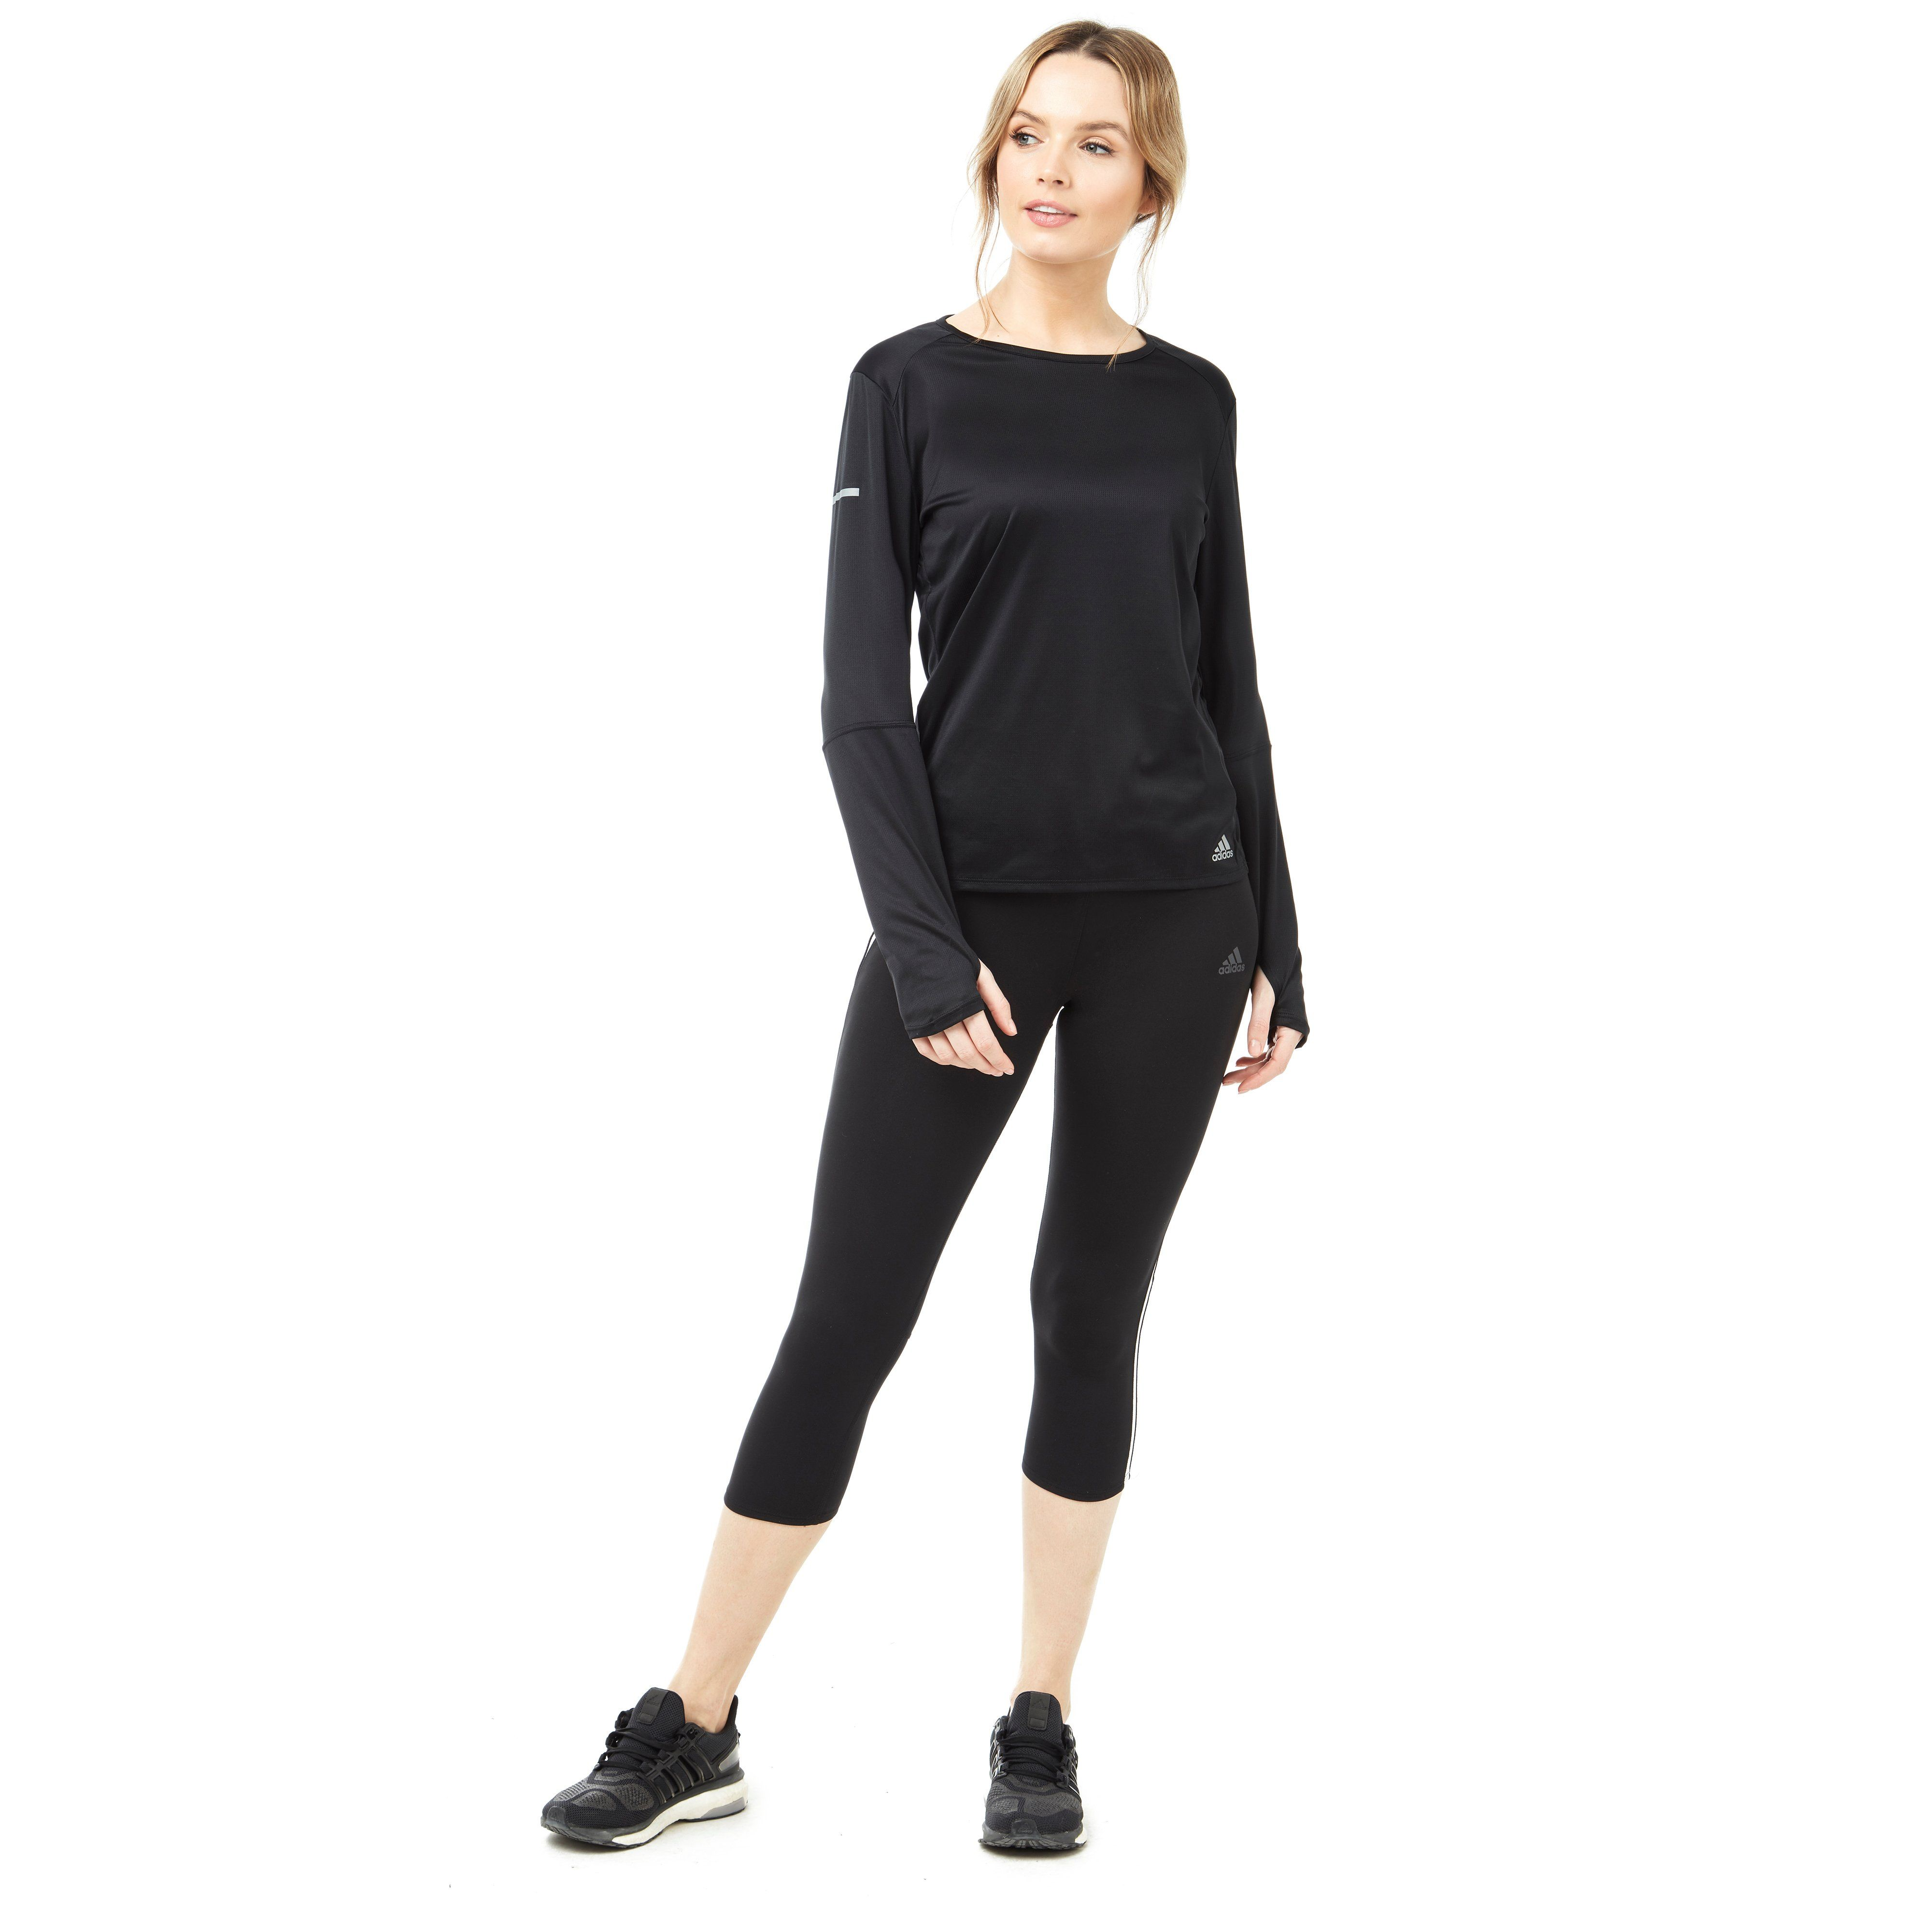 adidas Long Sleeve Women's Running Top